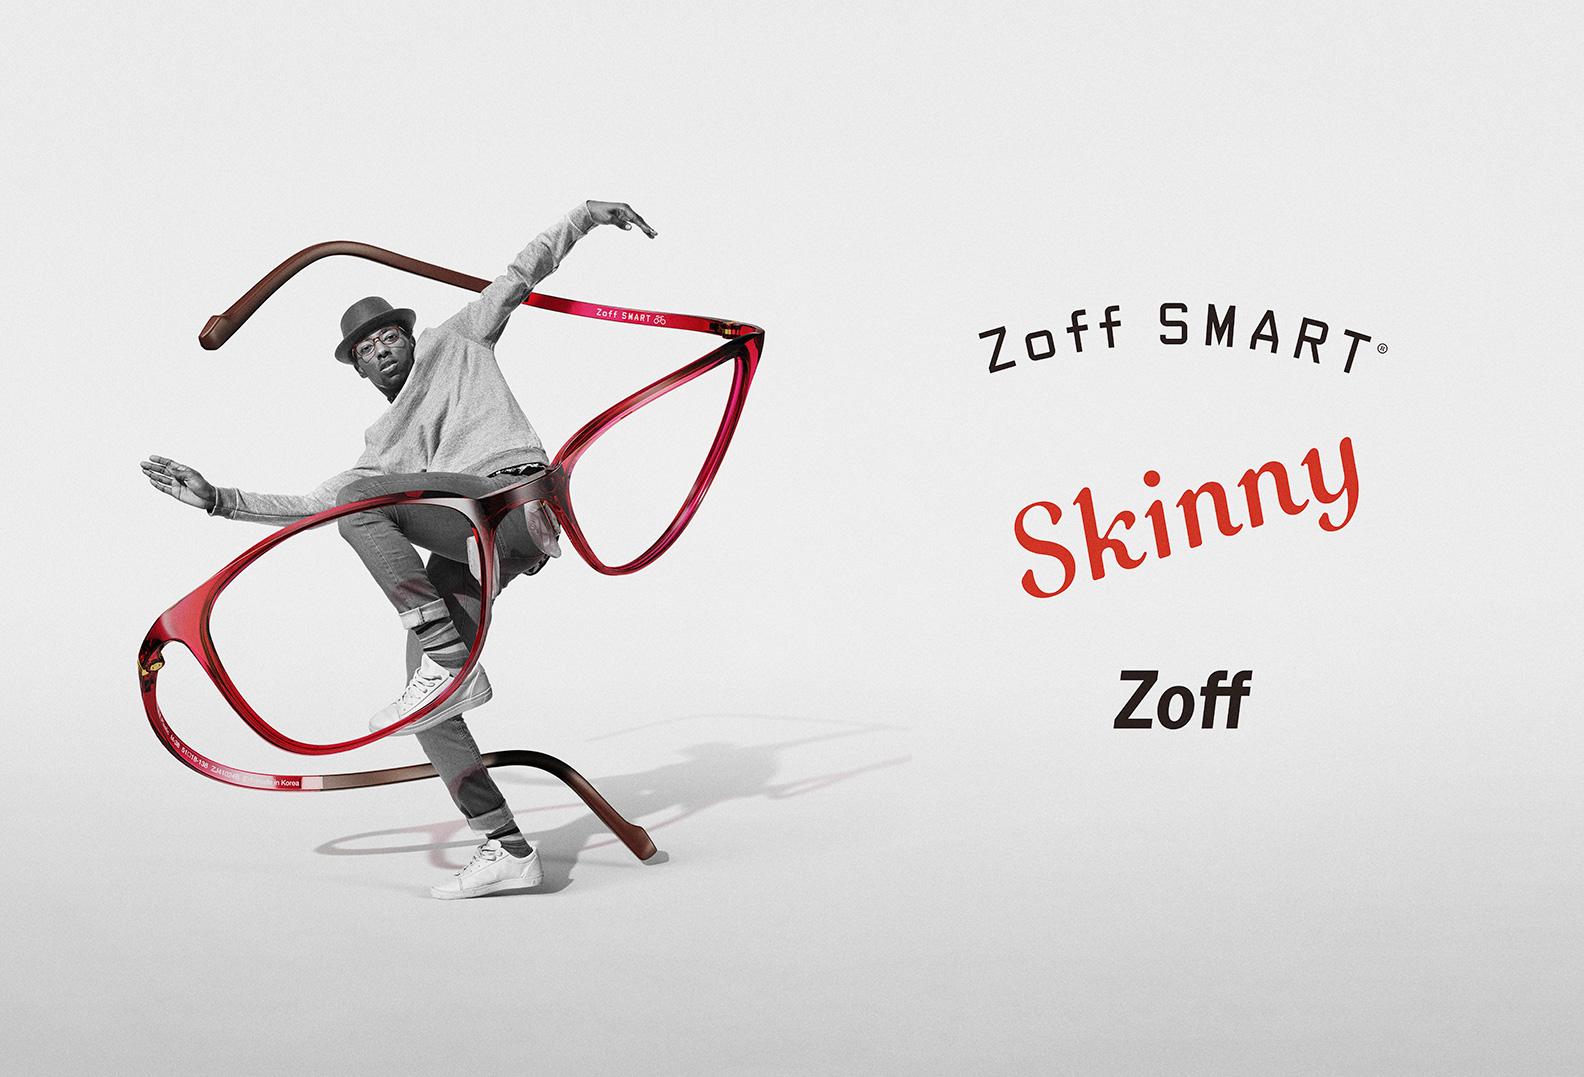 Zoff campaign , Zoff Smart